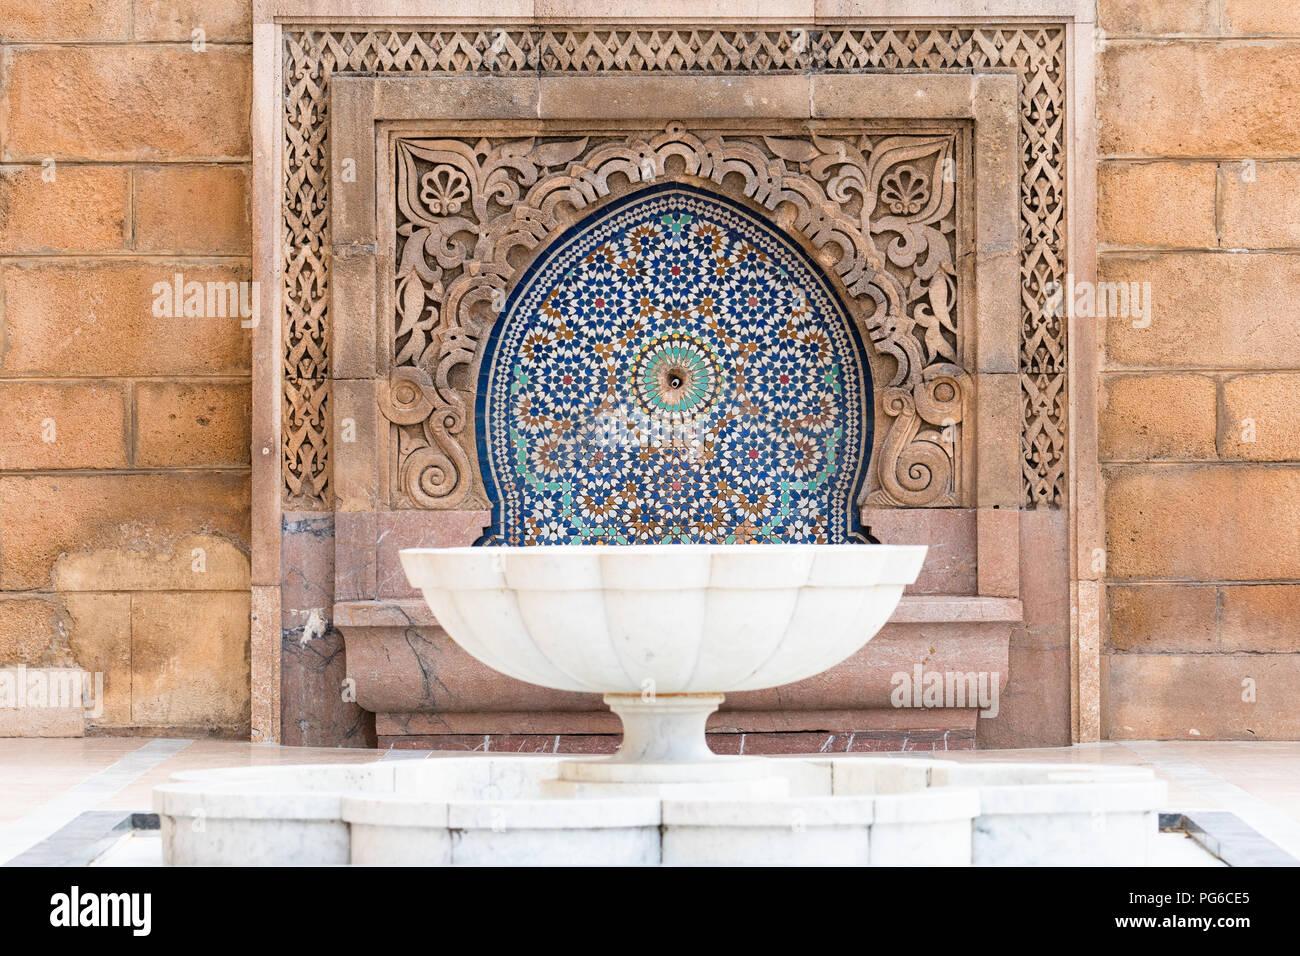 Bianco fontana in marmo e piastrelle con zellige pietra intagliata